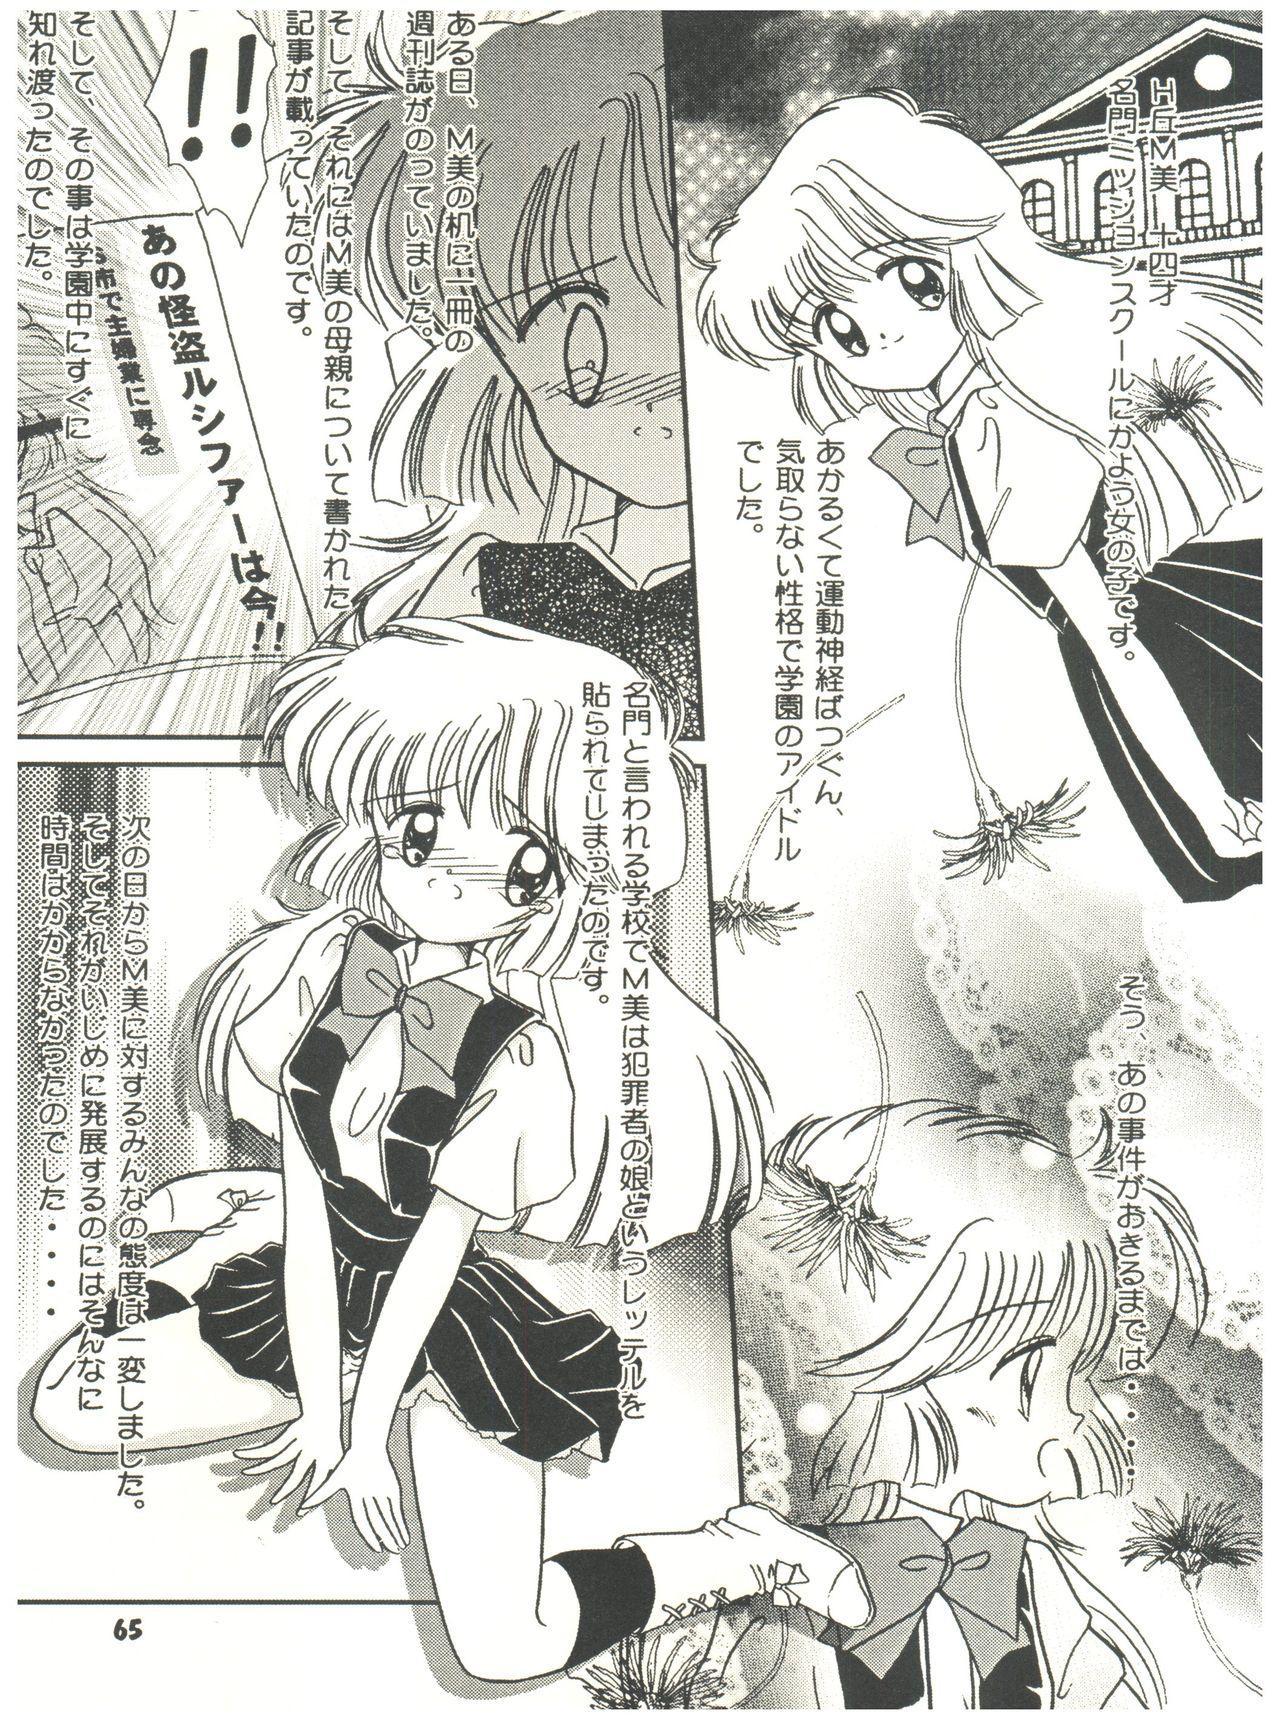 [Sairo Publishing (J. Sairo) En-Jack 2 (Various) 64